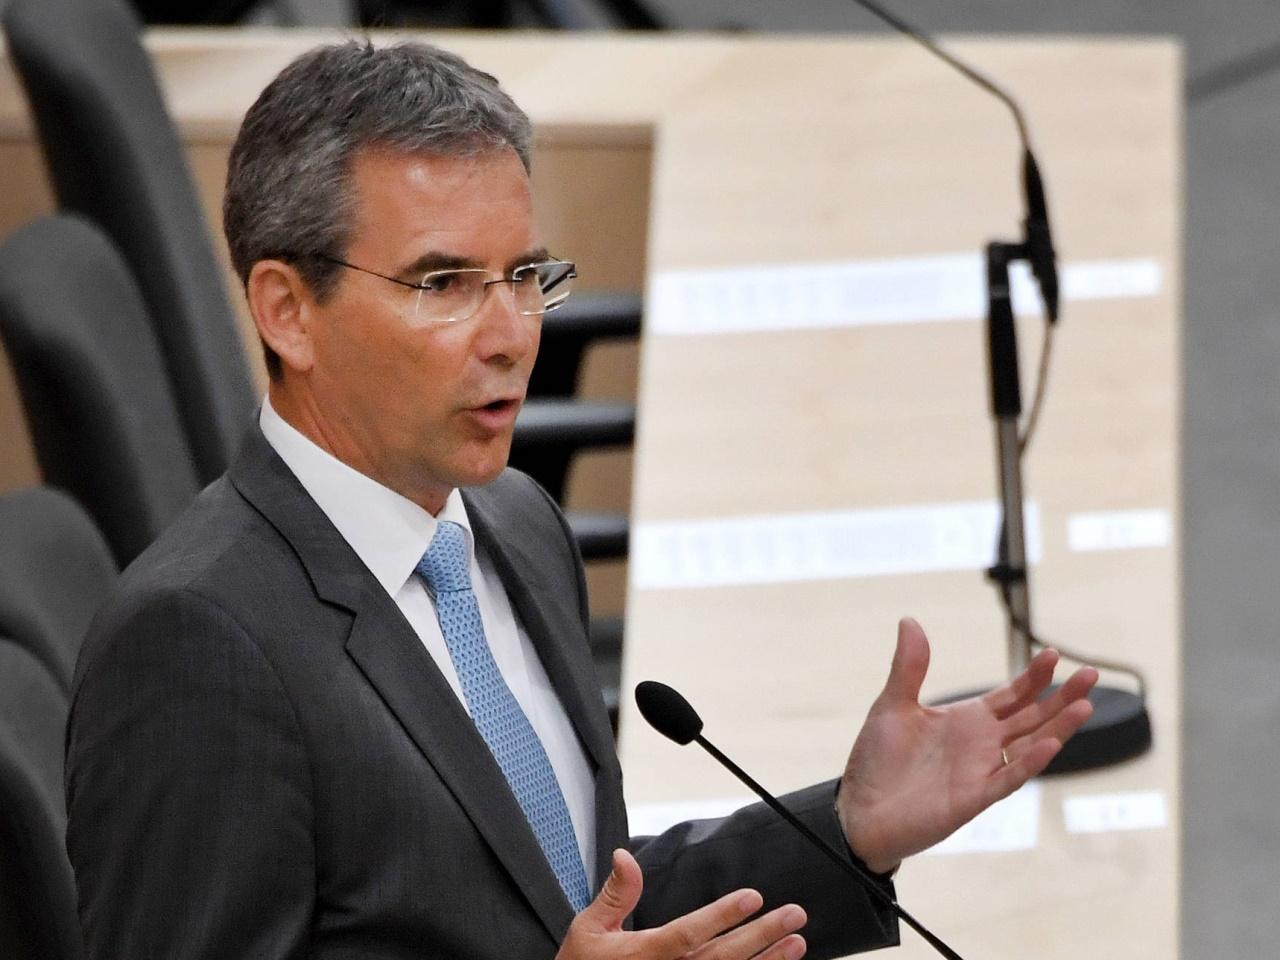 Budgetdebatte: Löger wehrt sich gegen Kritik der Opposition